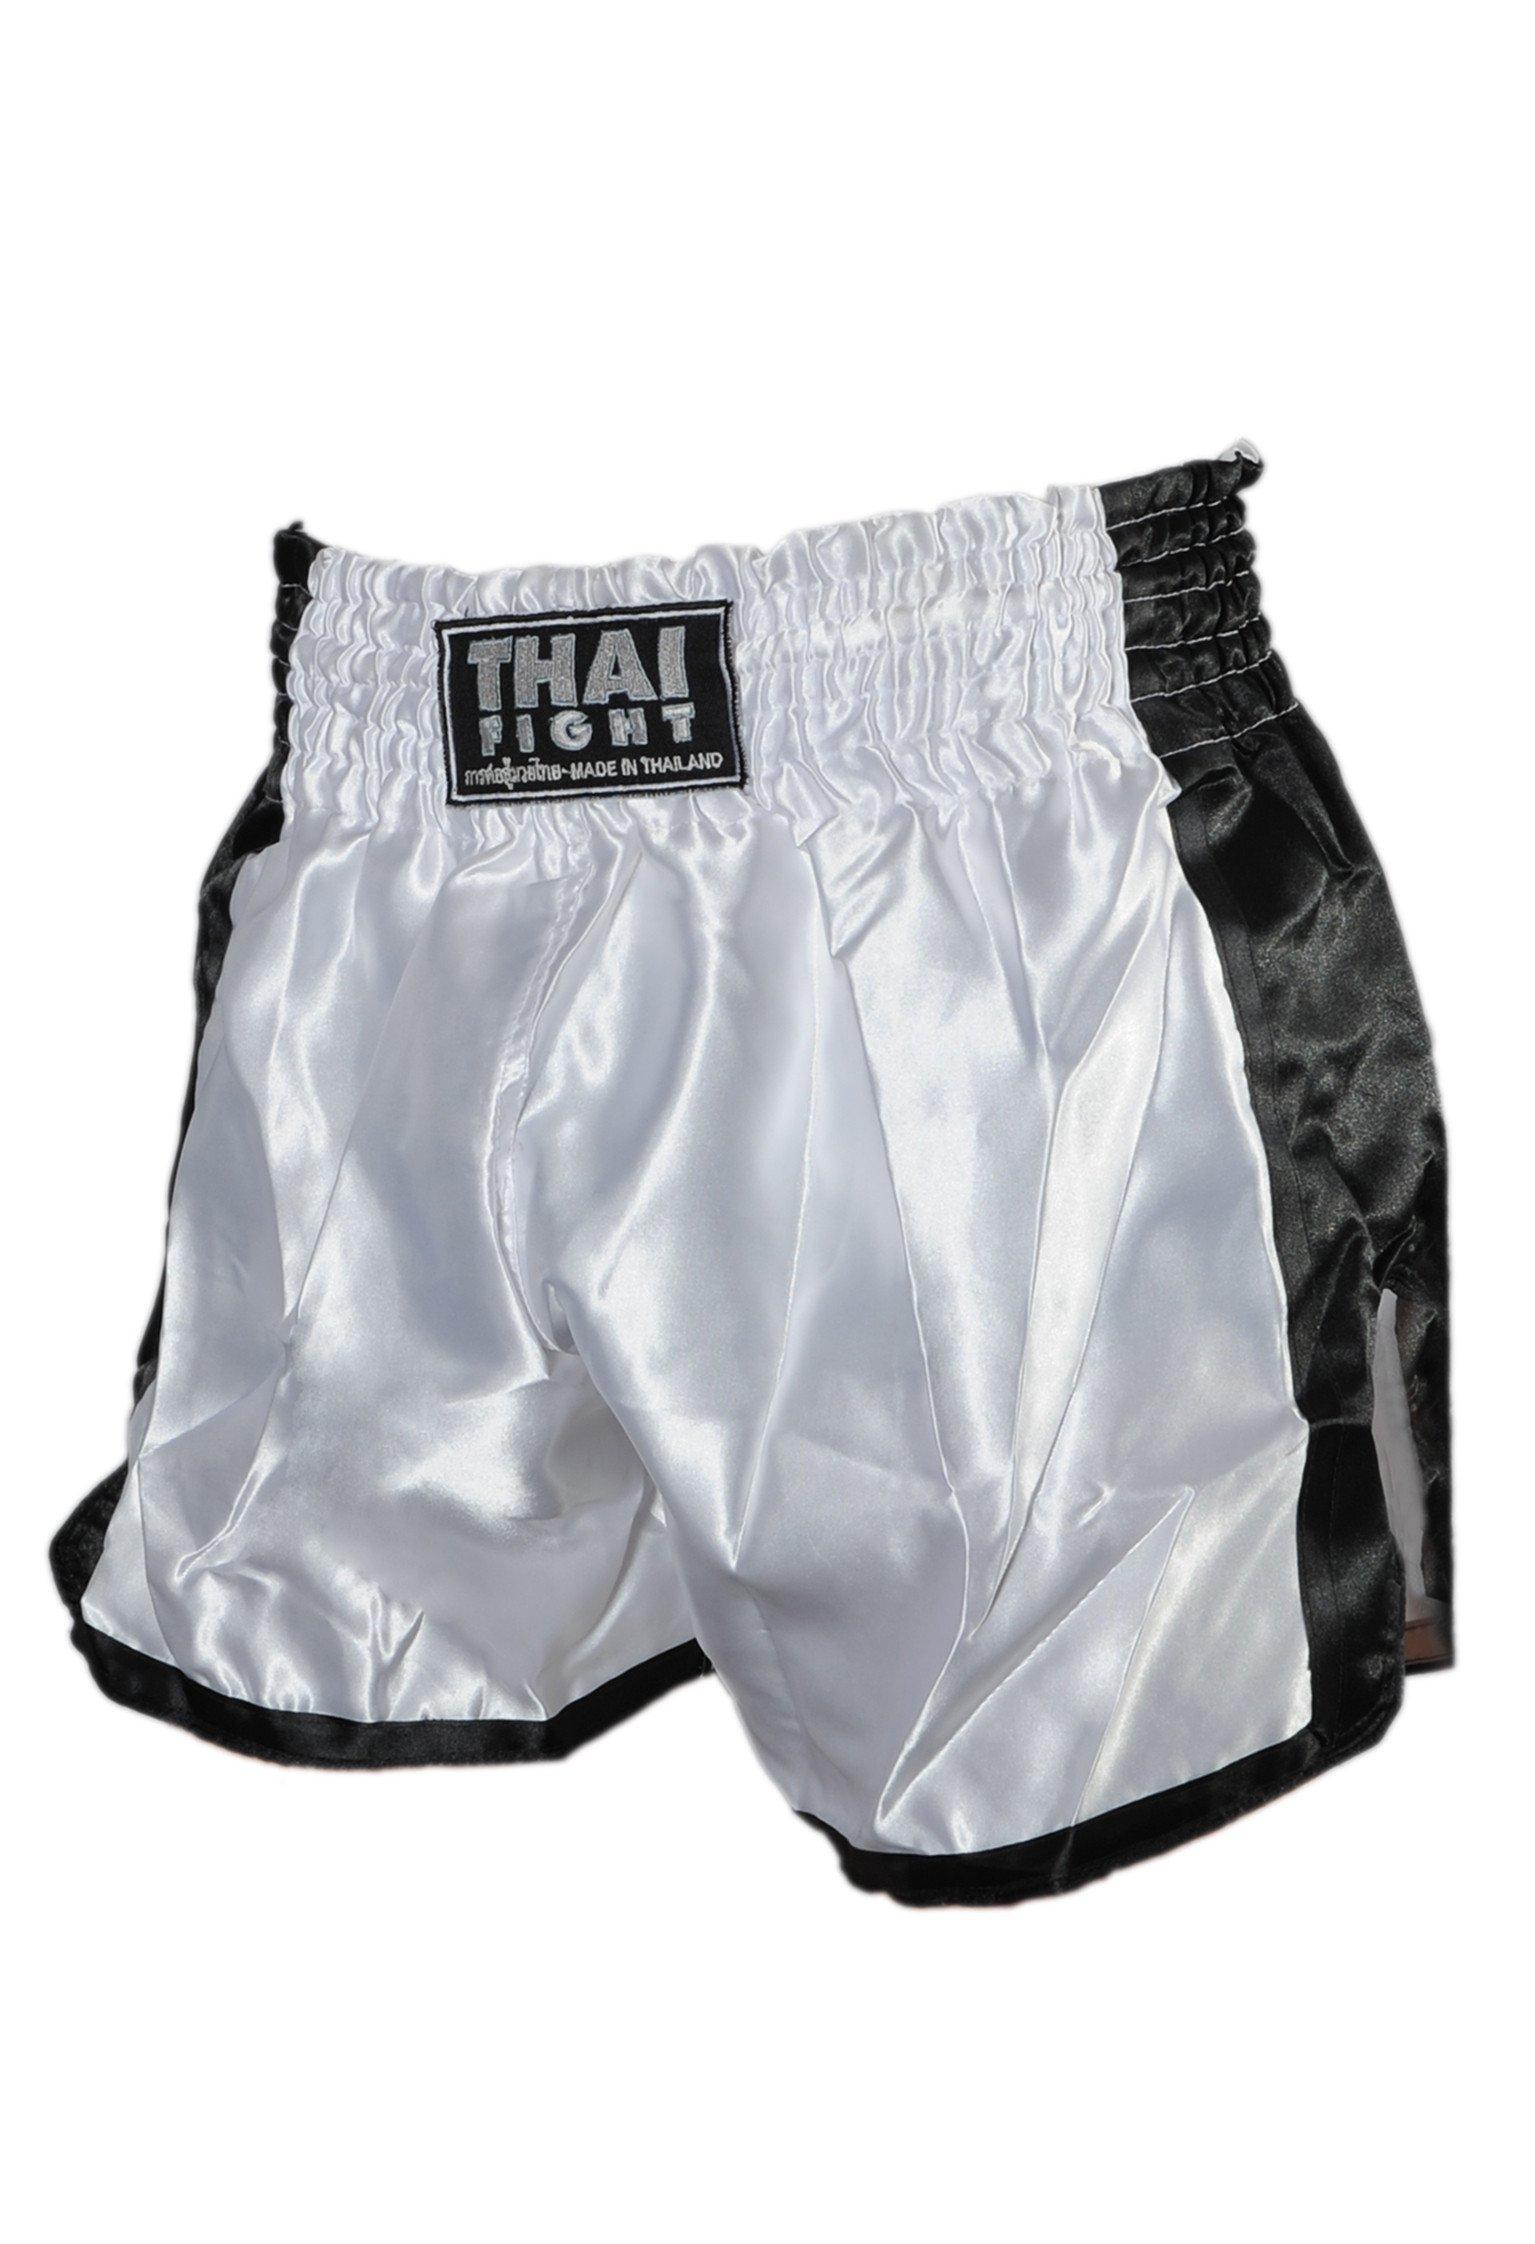 Short Boxe Thai ThaiFight Blanc/Noir